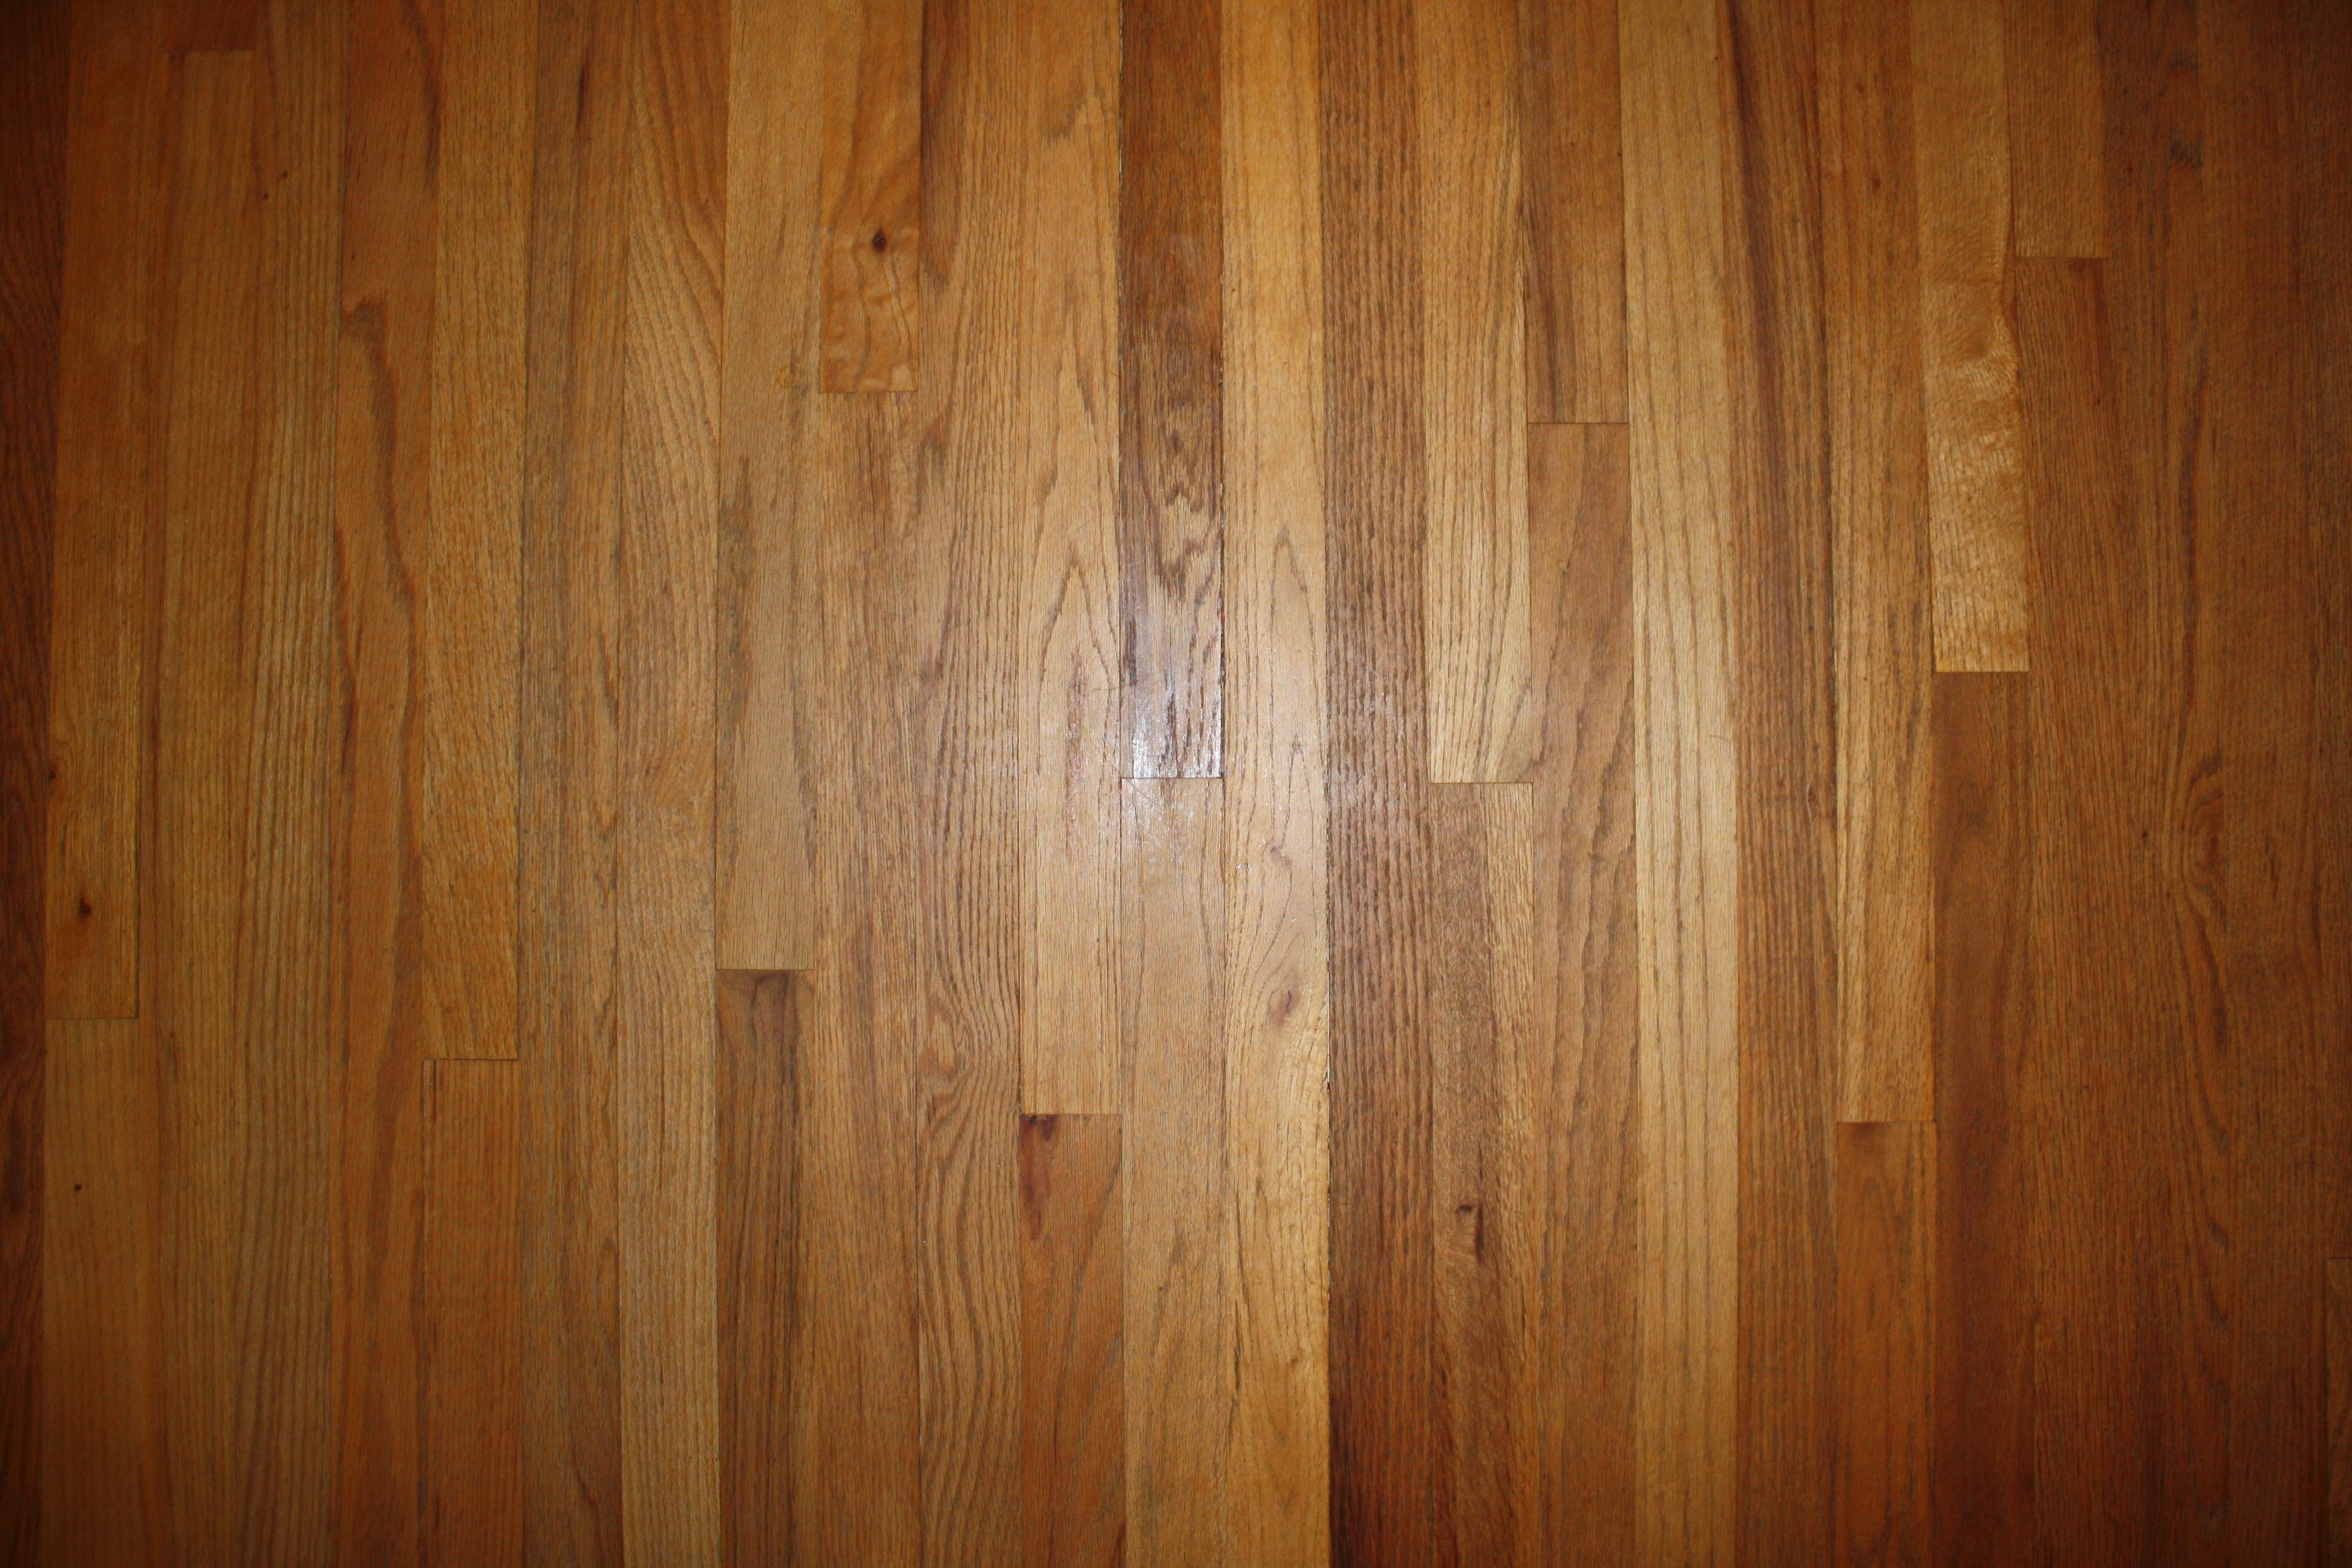 Oak Floor Texture Picture Free Photograph Photos